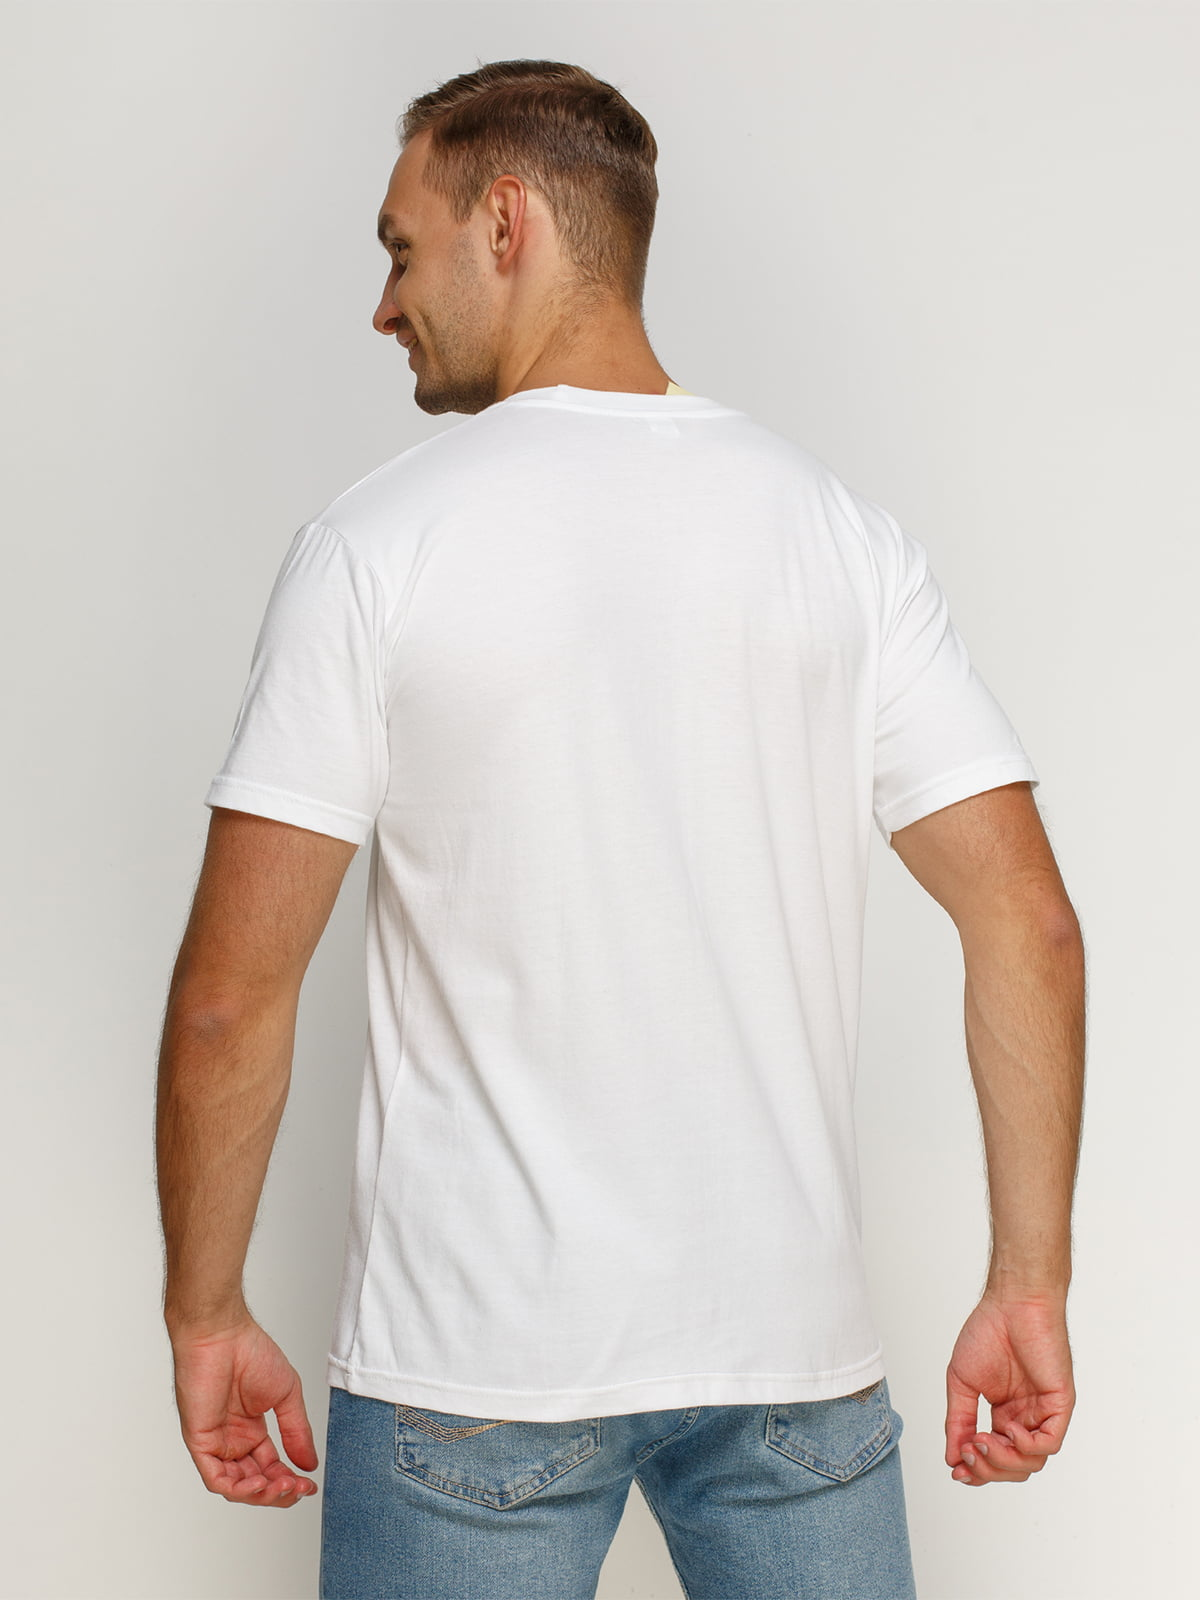 Футболка біла з принтом | 4578375 | фото 2